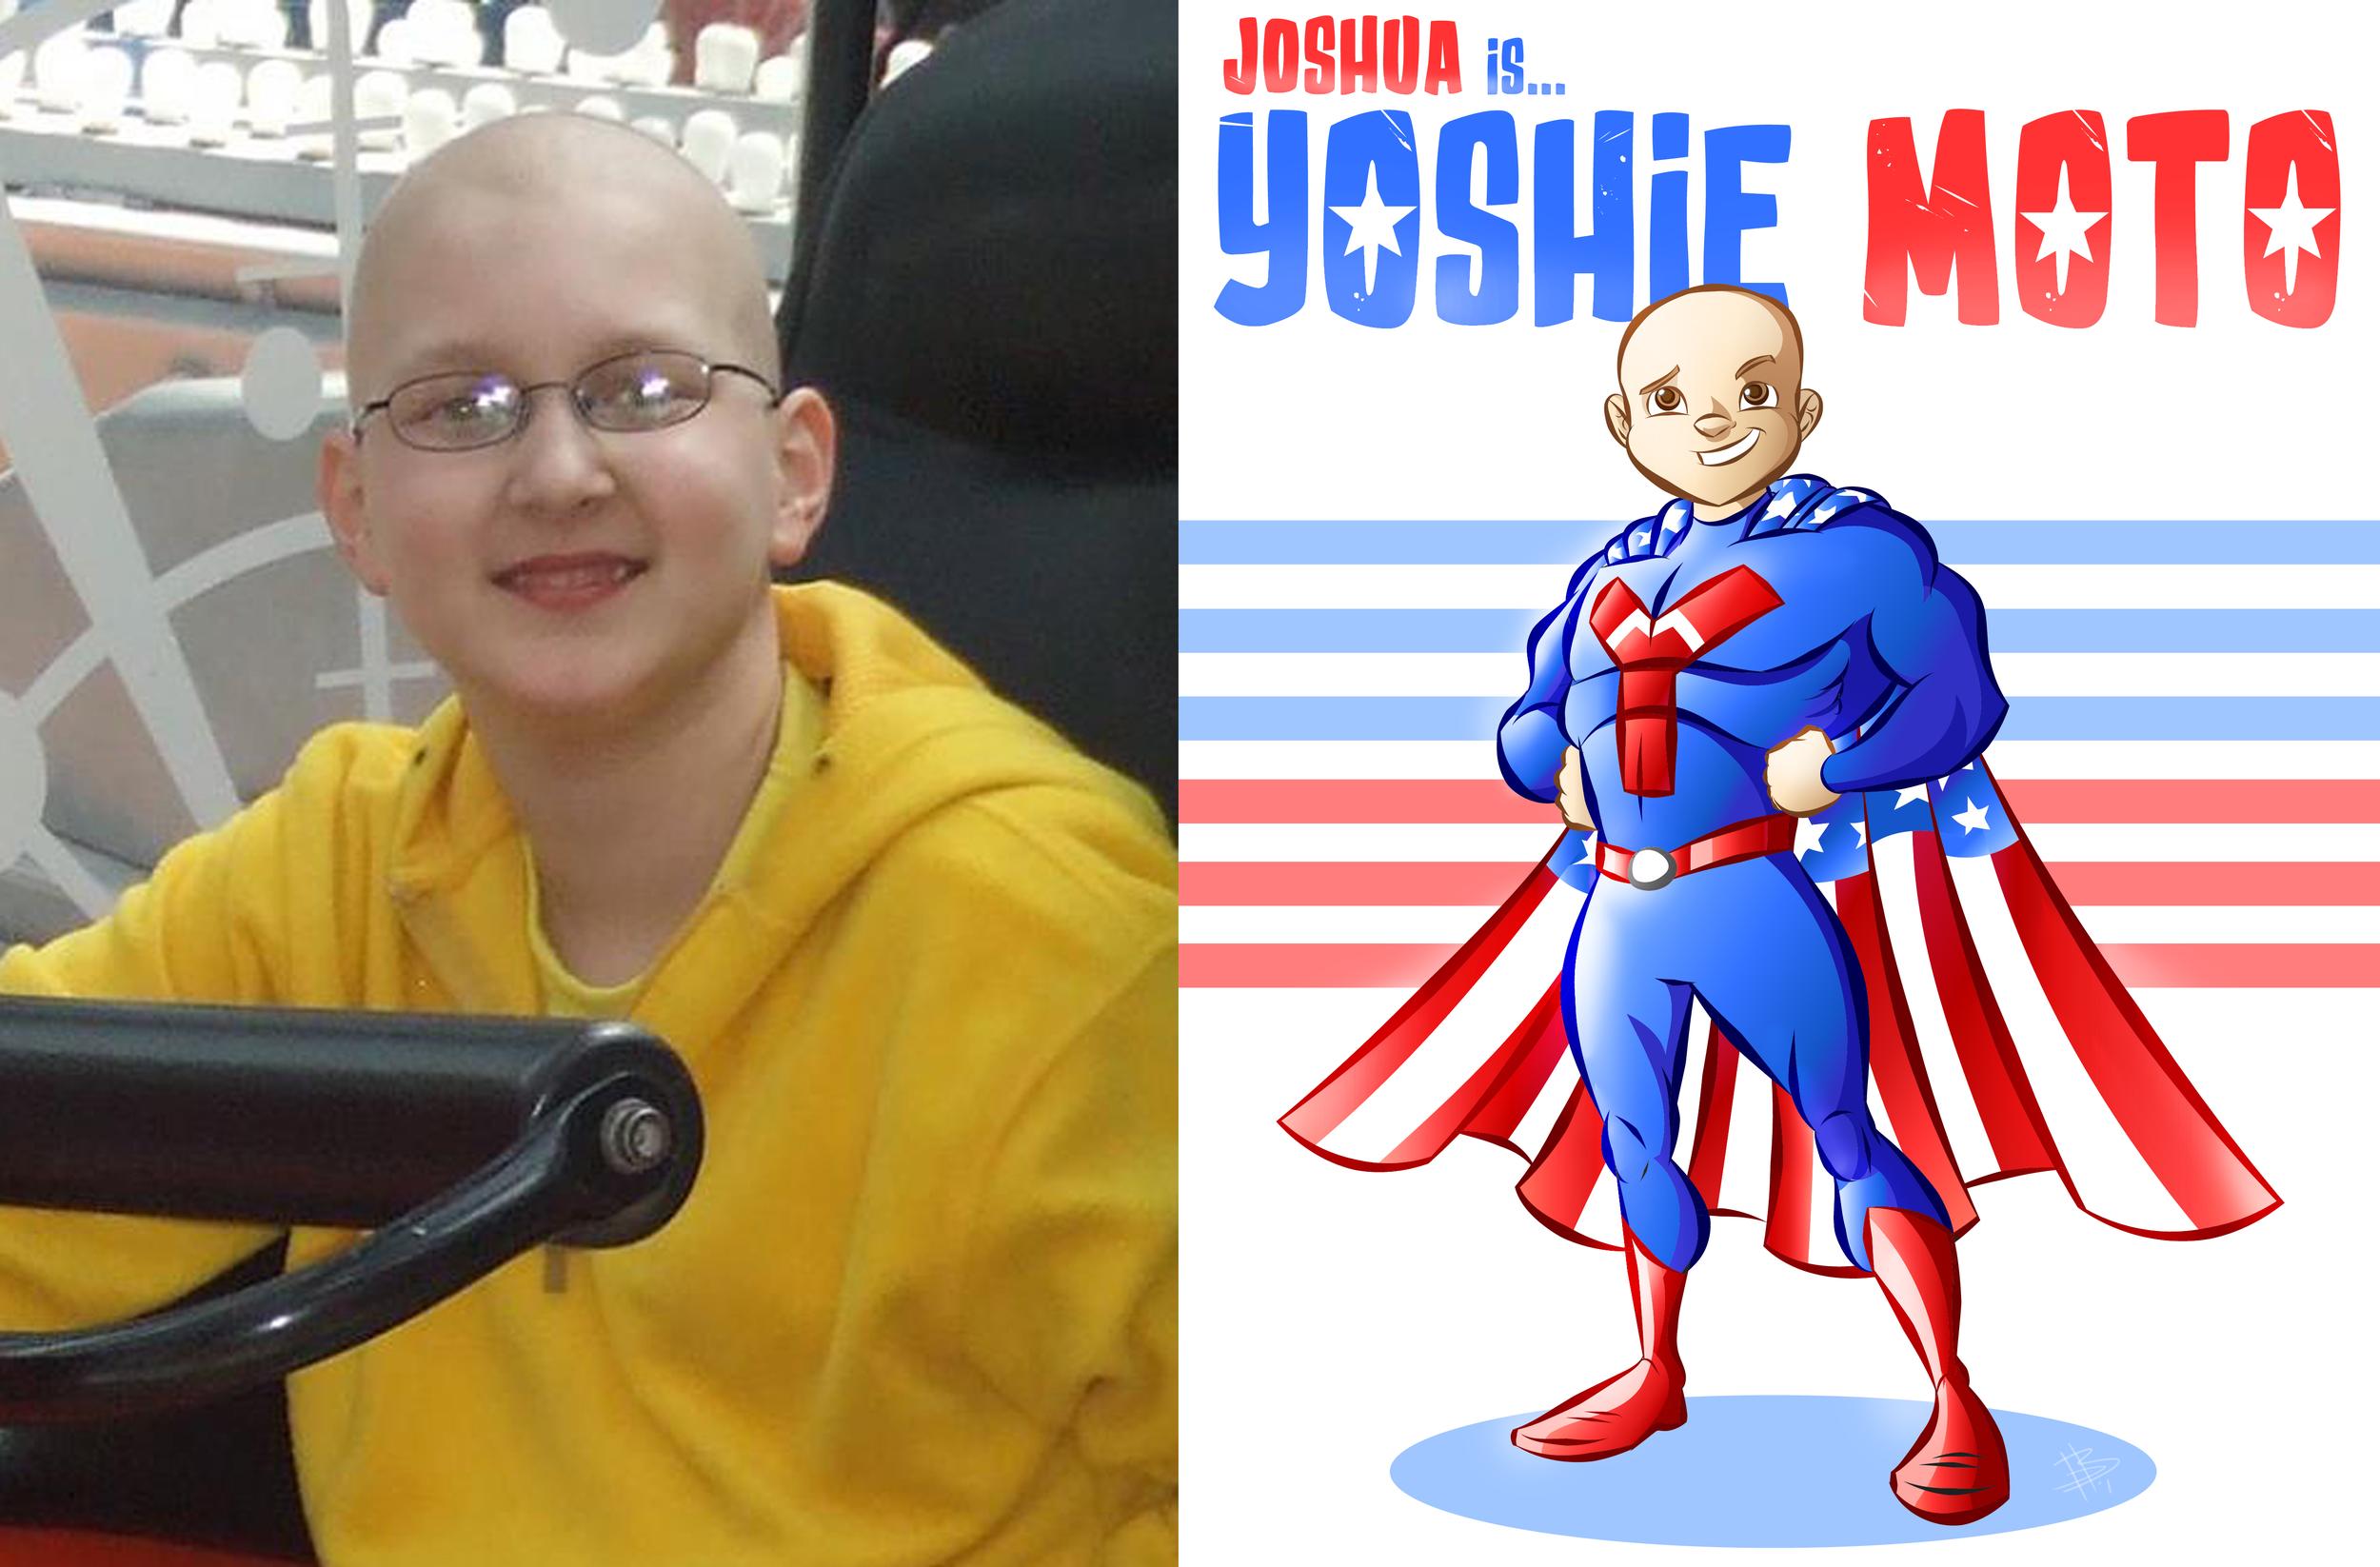 Joshua (Yoshie Moto)